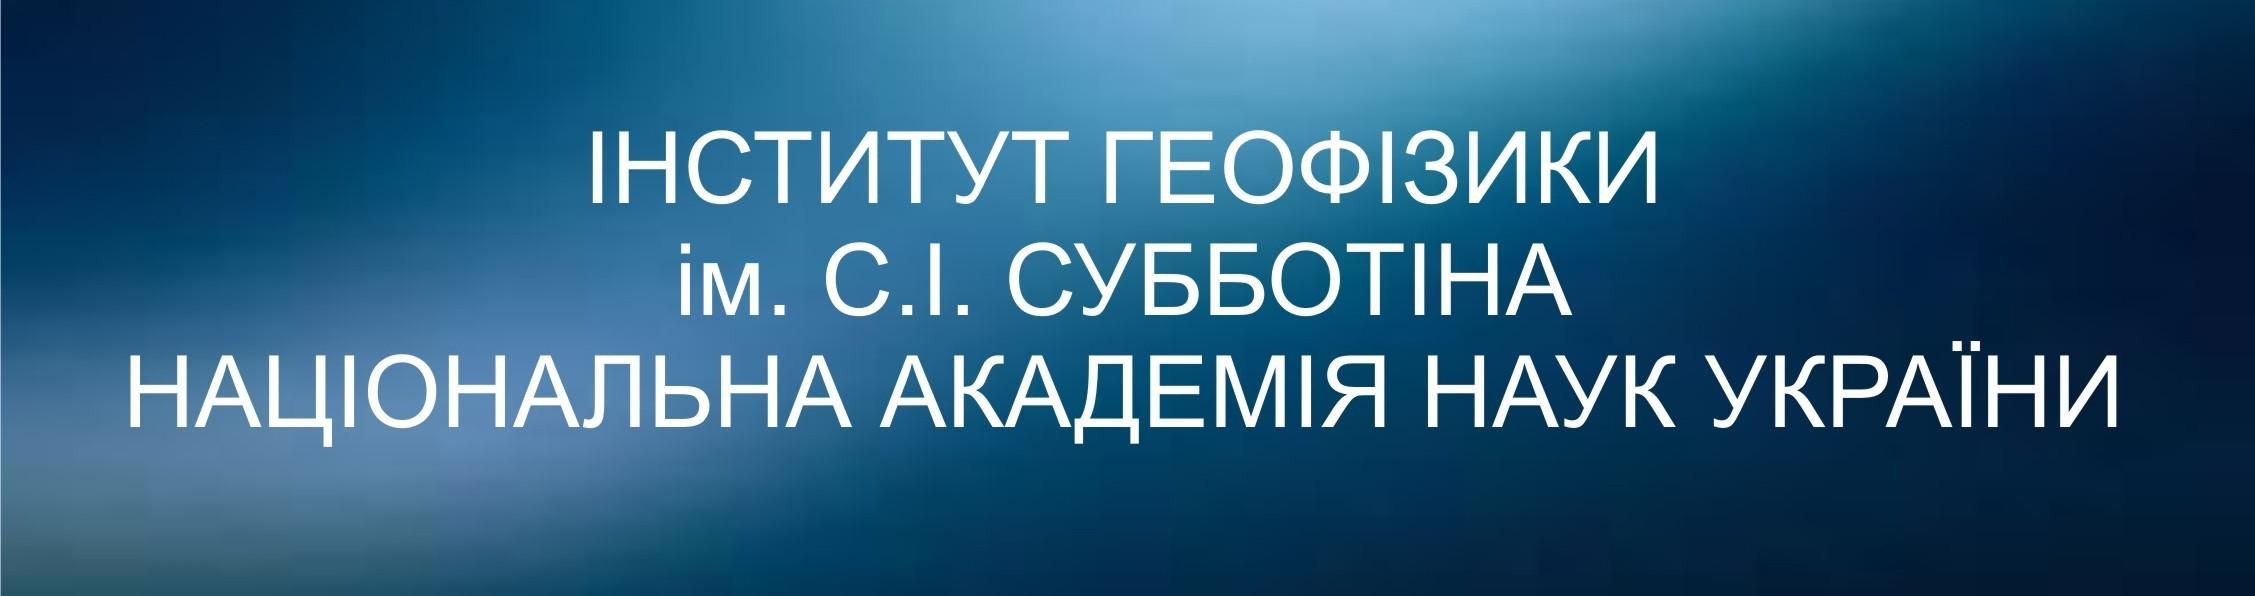 Институт геофизики национальная